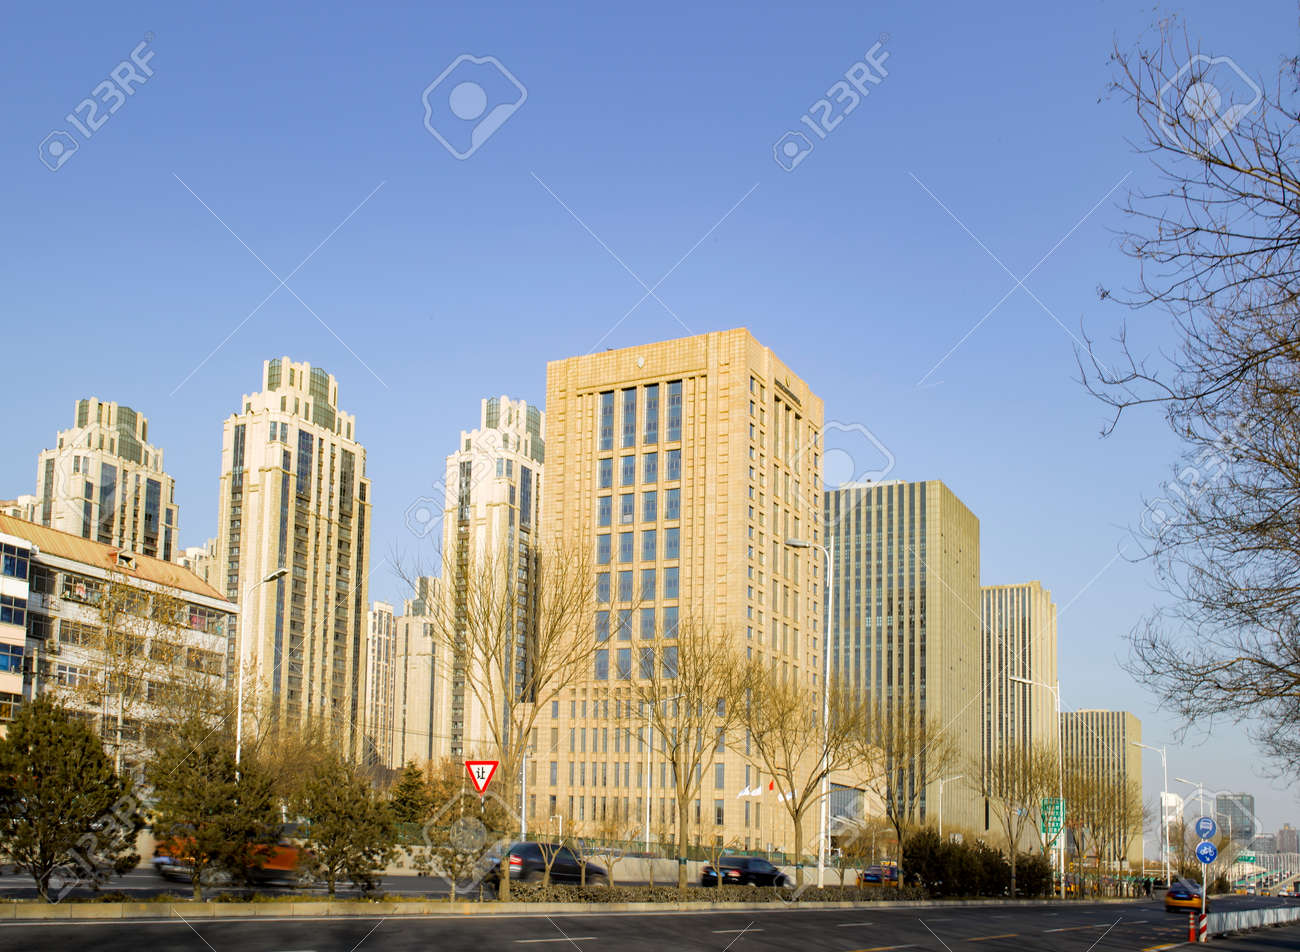 中国・河北省・石家荘市、都市建築景観 の写真素材・画像素材 Image ...